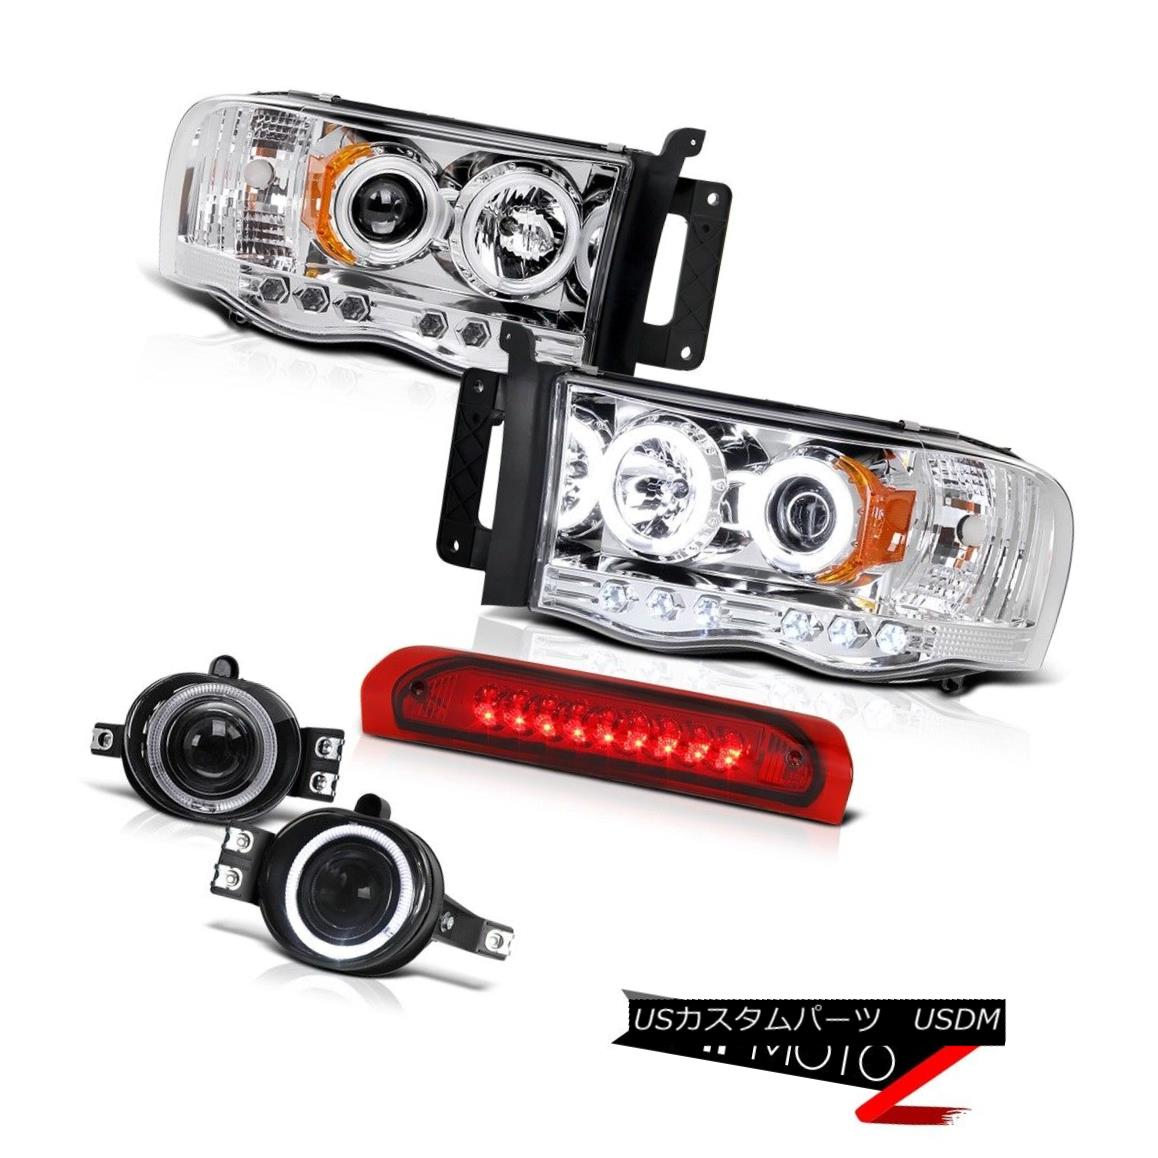 ヘッドライト >^CCFL^< HaLo Projector Headlight+3rd Brake+Black LED Tail Light 02-05 Dodge RAM CCFL ^&lt; ハロプロジェクターヘッドライト+第3ブレーキ+ブラックLEDテールライト02-05 Dodge RAM